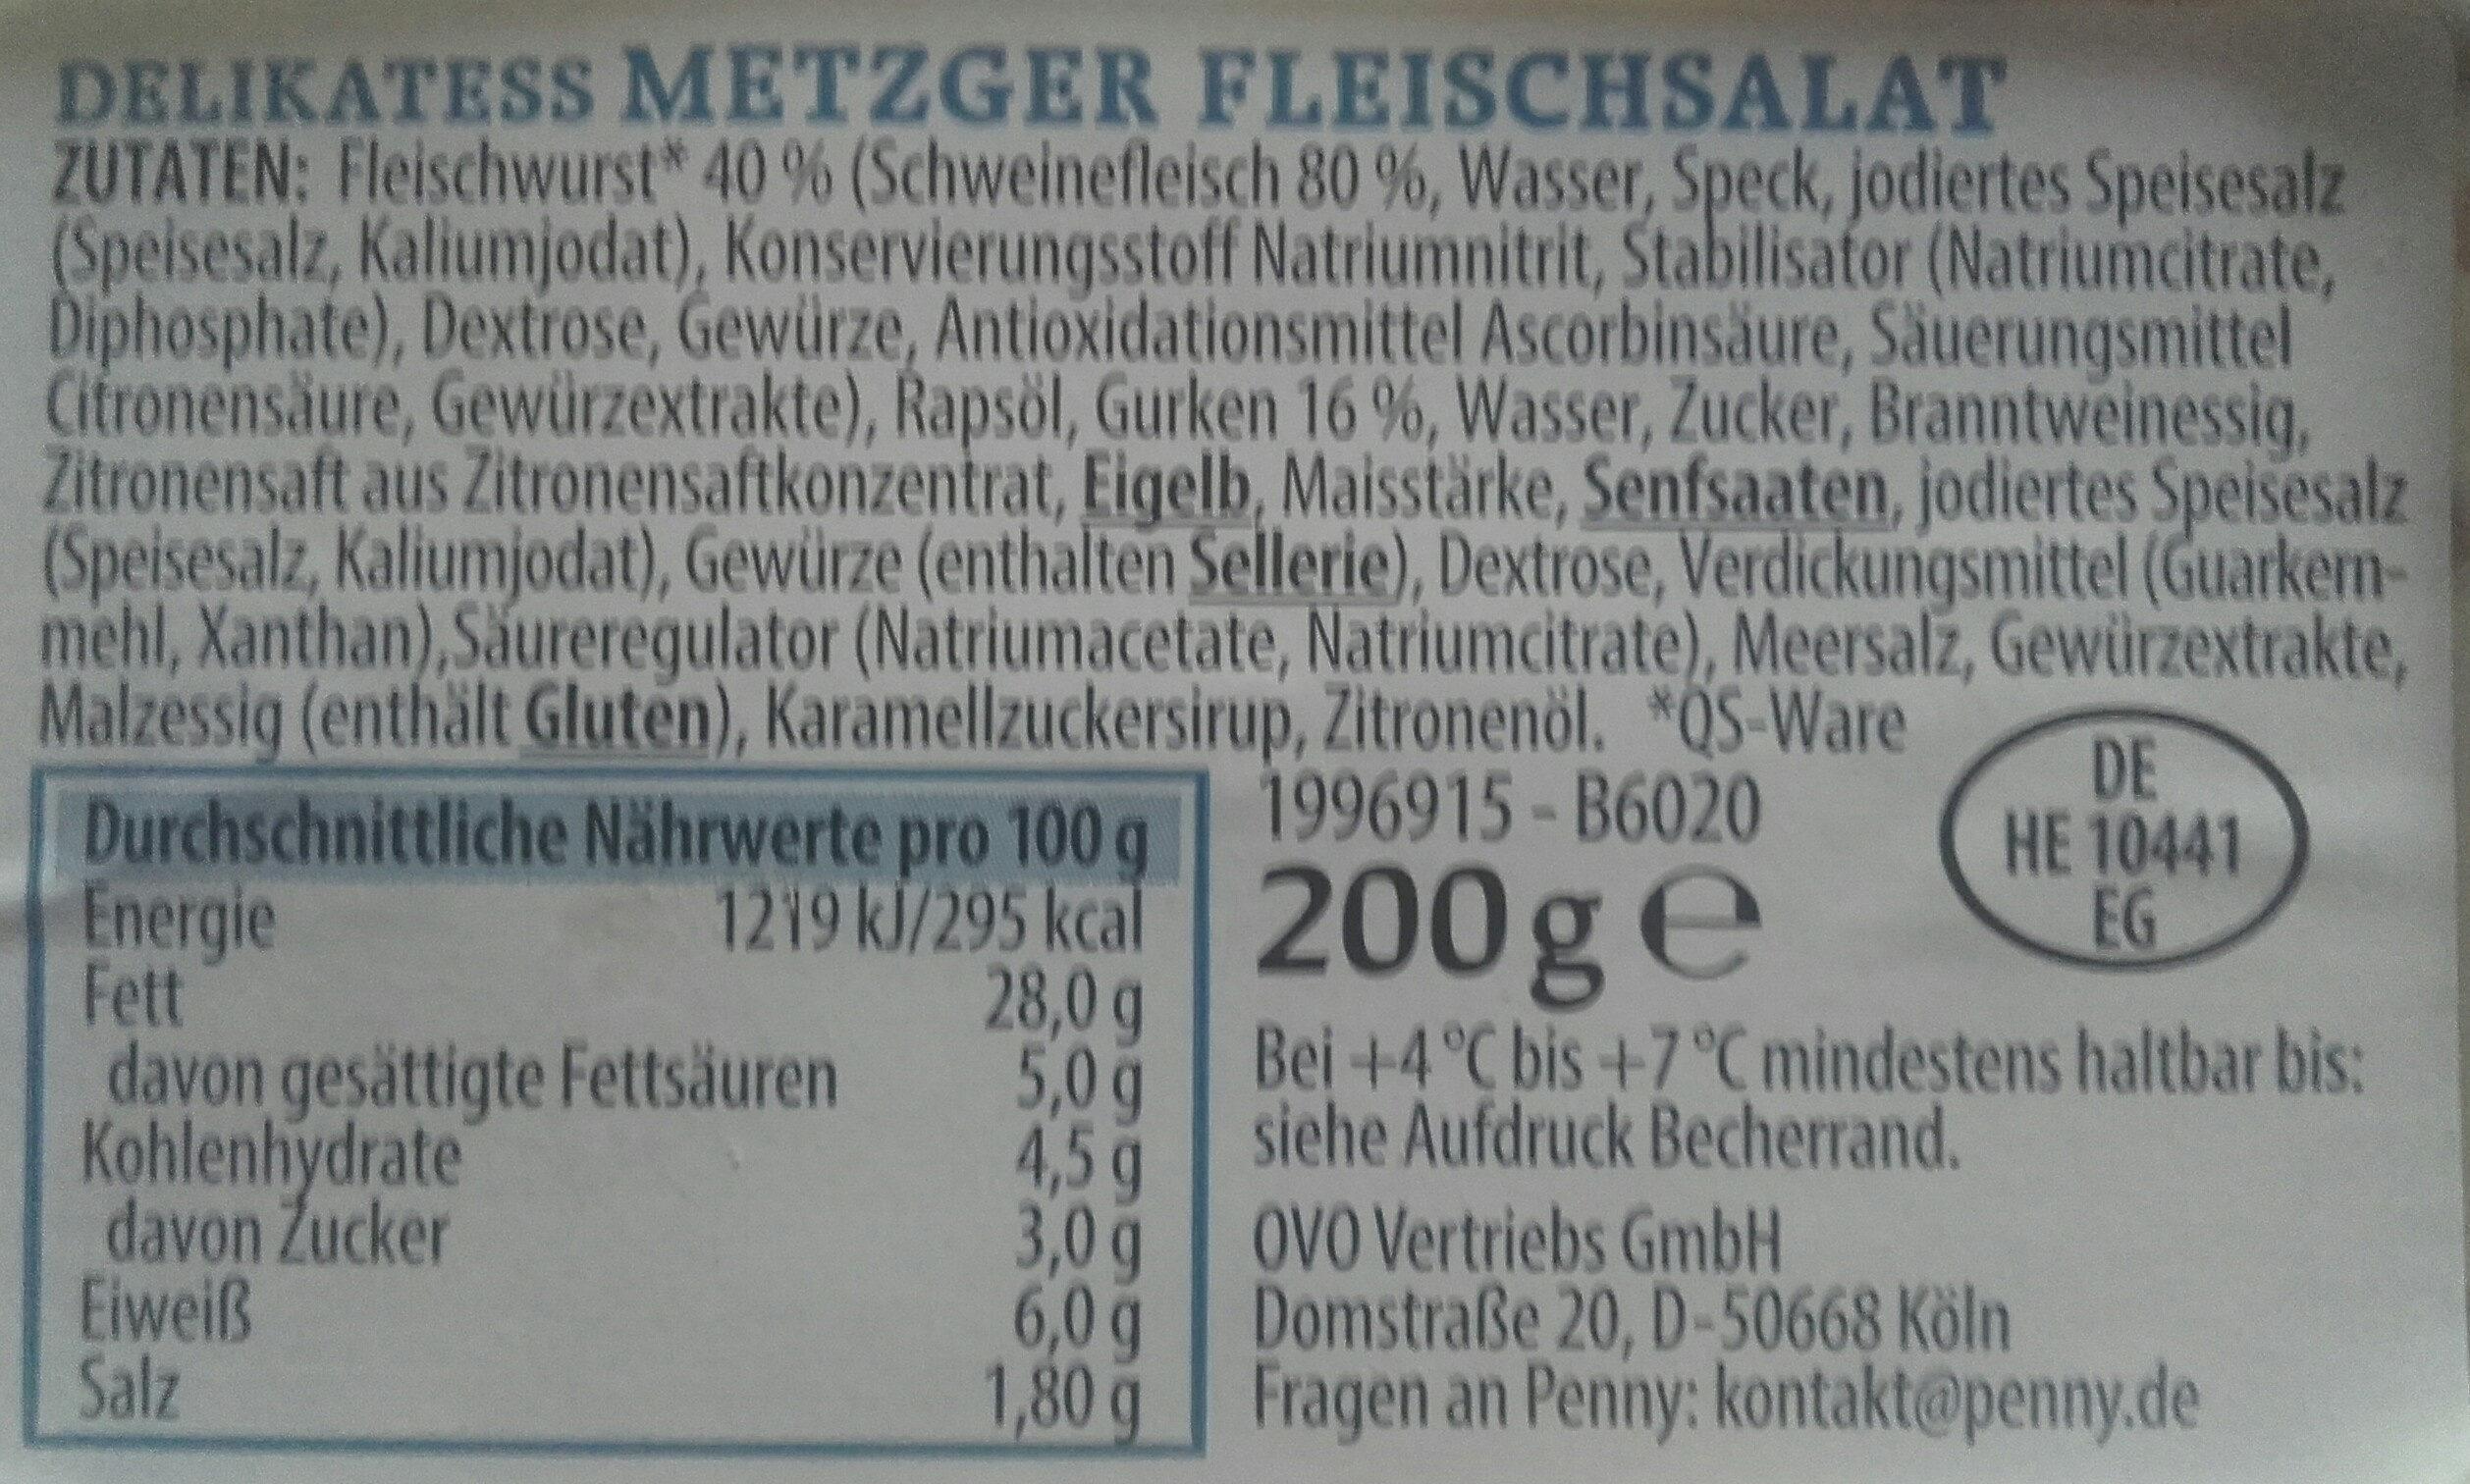 Metzger Fleischsalat - Ingredients